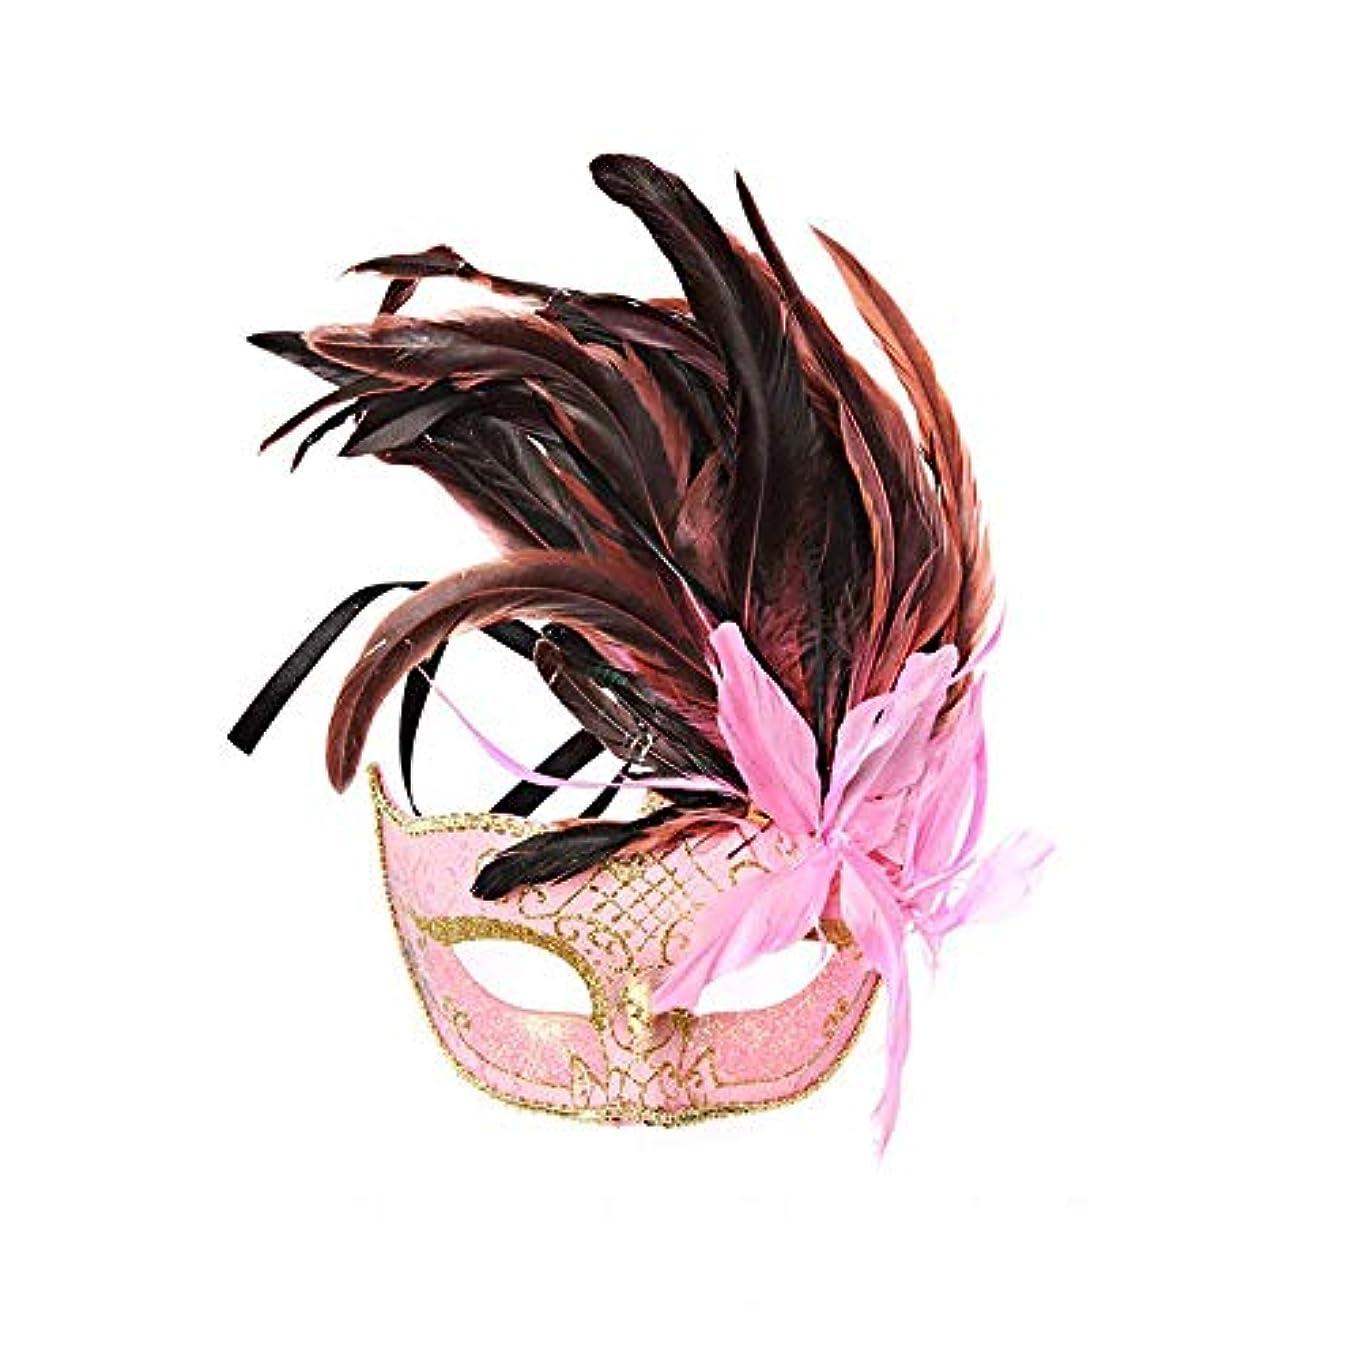 くしゃくしゃ原子に賛成Nanle ハロウィンマスクハーフフェザーマスクベニスプリンセスマスク美容レース仮面ライダーコスプレ (色 : Style A pink)